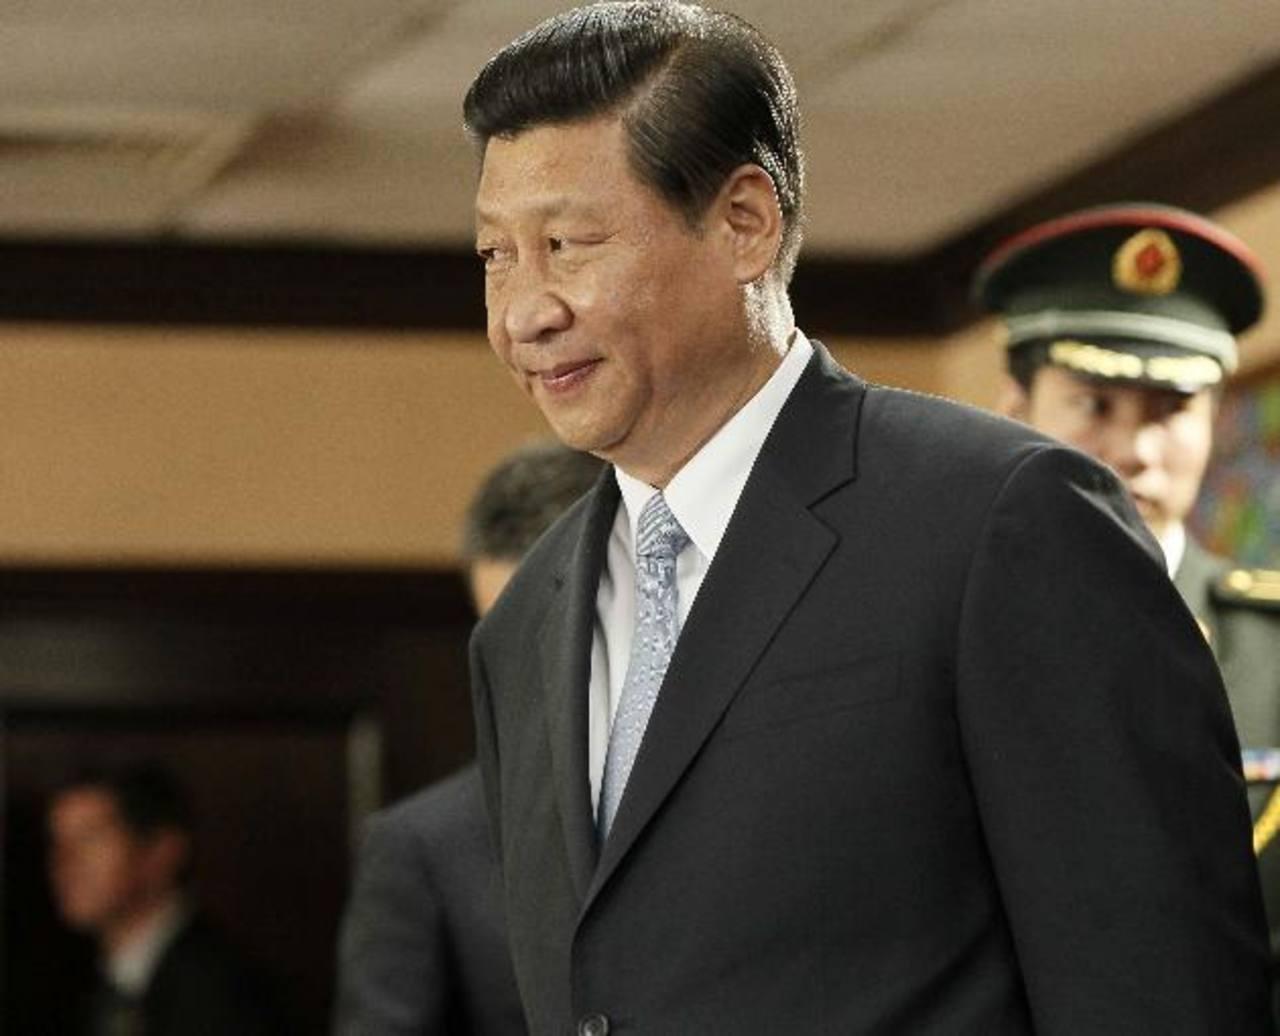 El presidente chino, Xi Jinping, ha anunciado las más audaces reformas en más de 30 años.